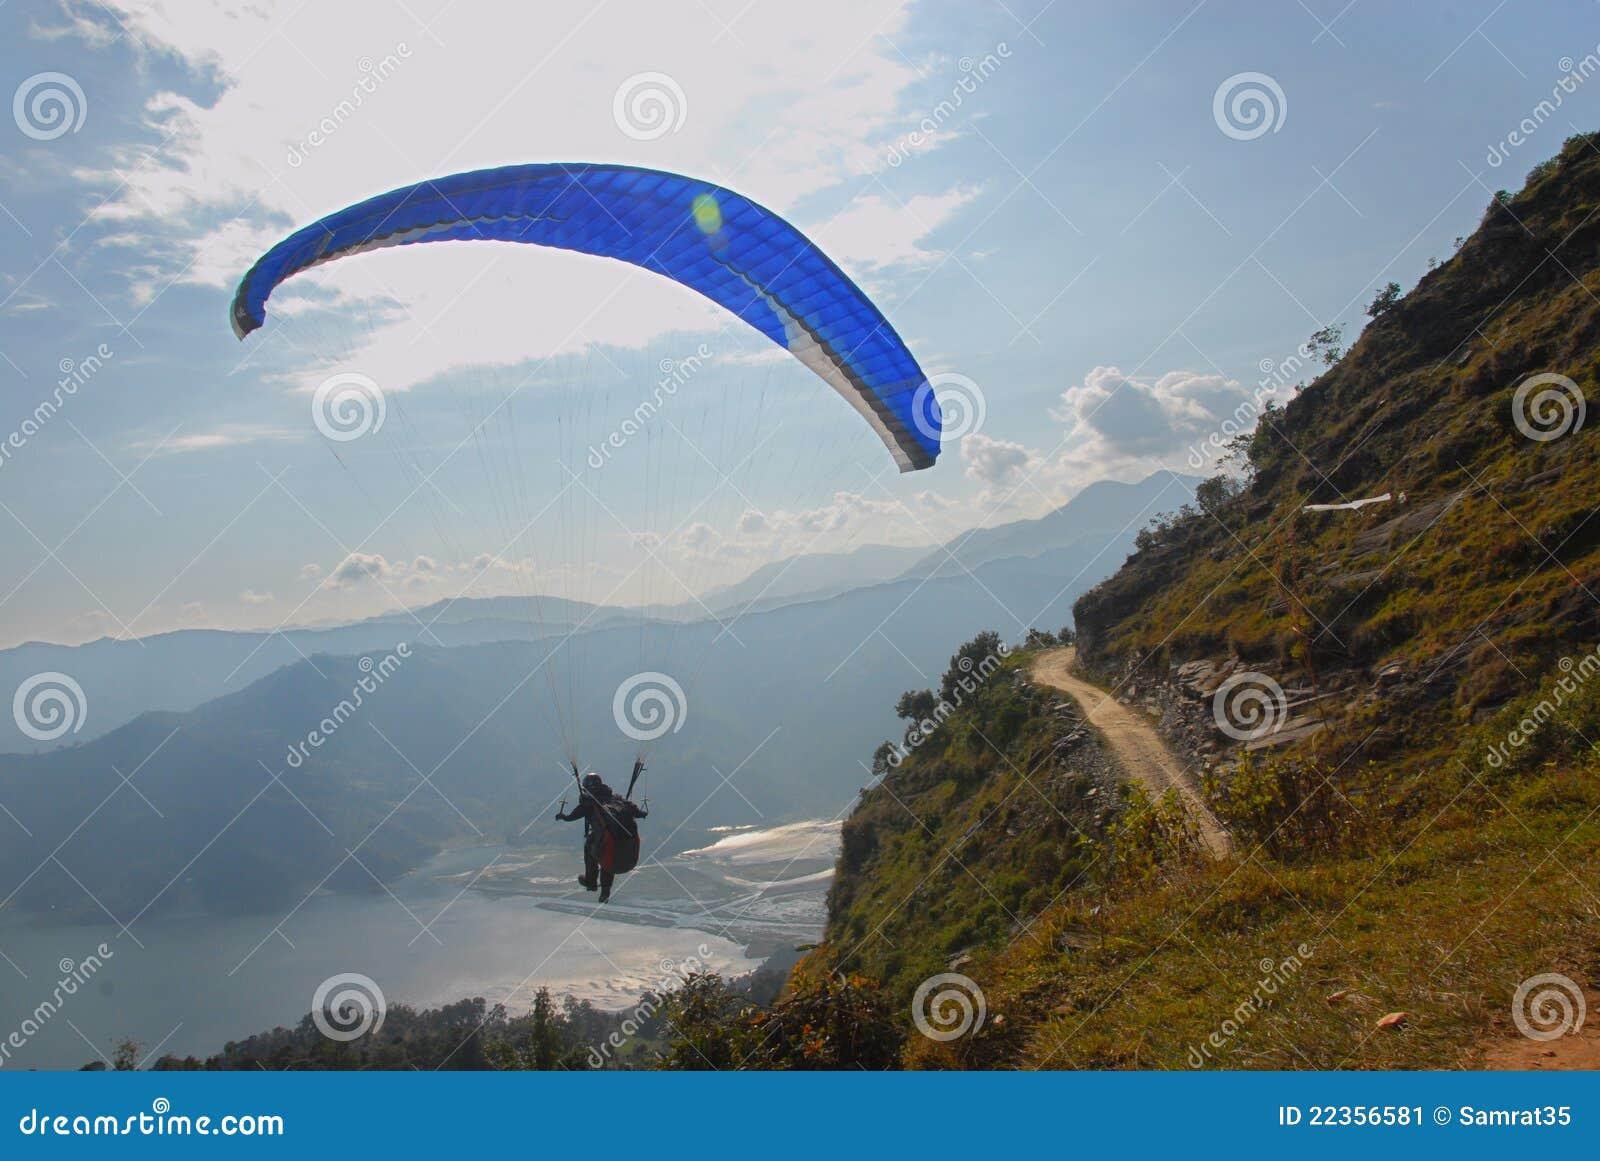 尼泊尔滑翔伞